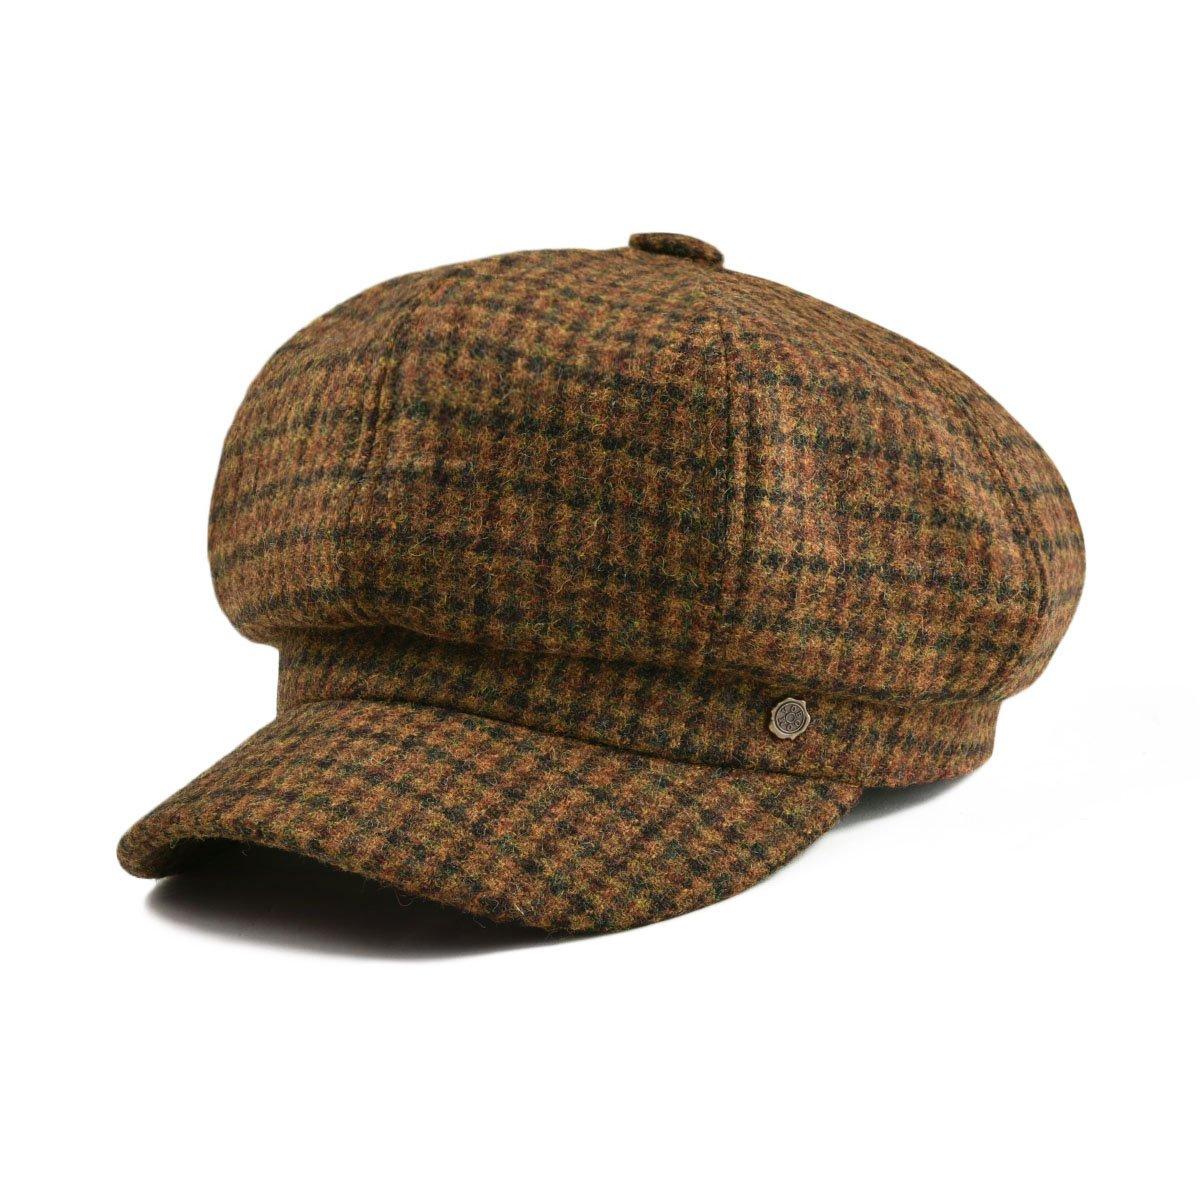 VOBOOM Womens Visor Beret Newsboy Hat Cap for Ladies 100% Wool Tweed (Brown) by VOBOOM